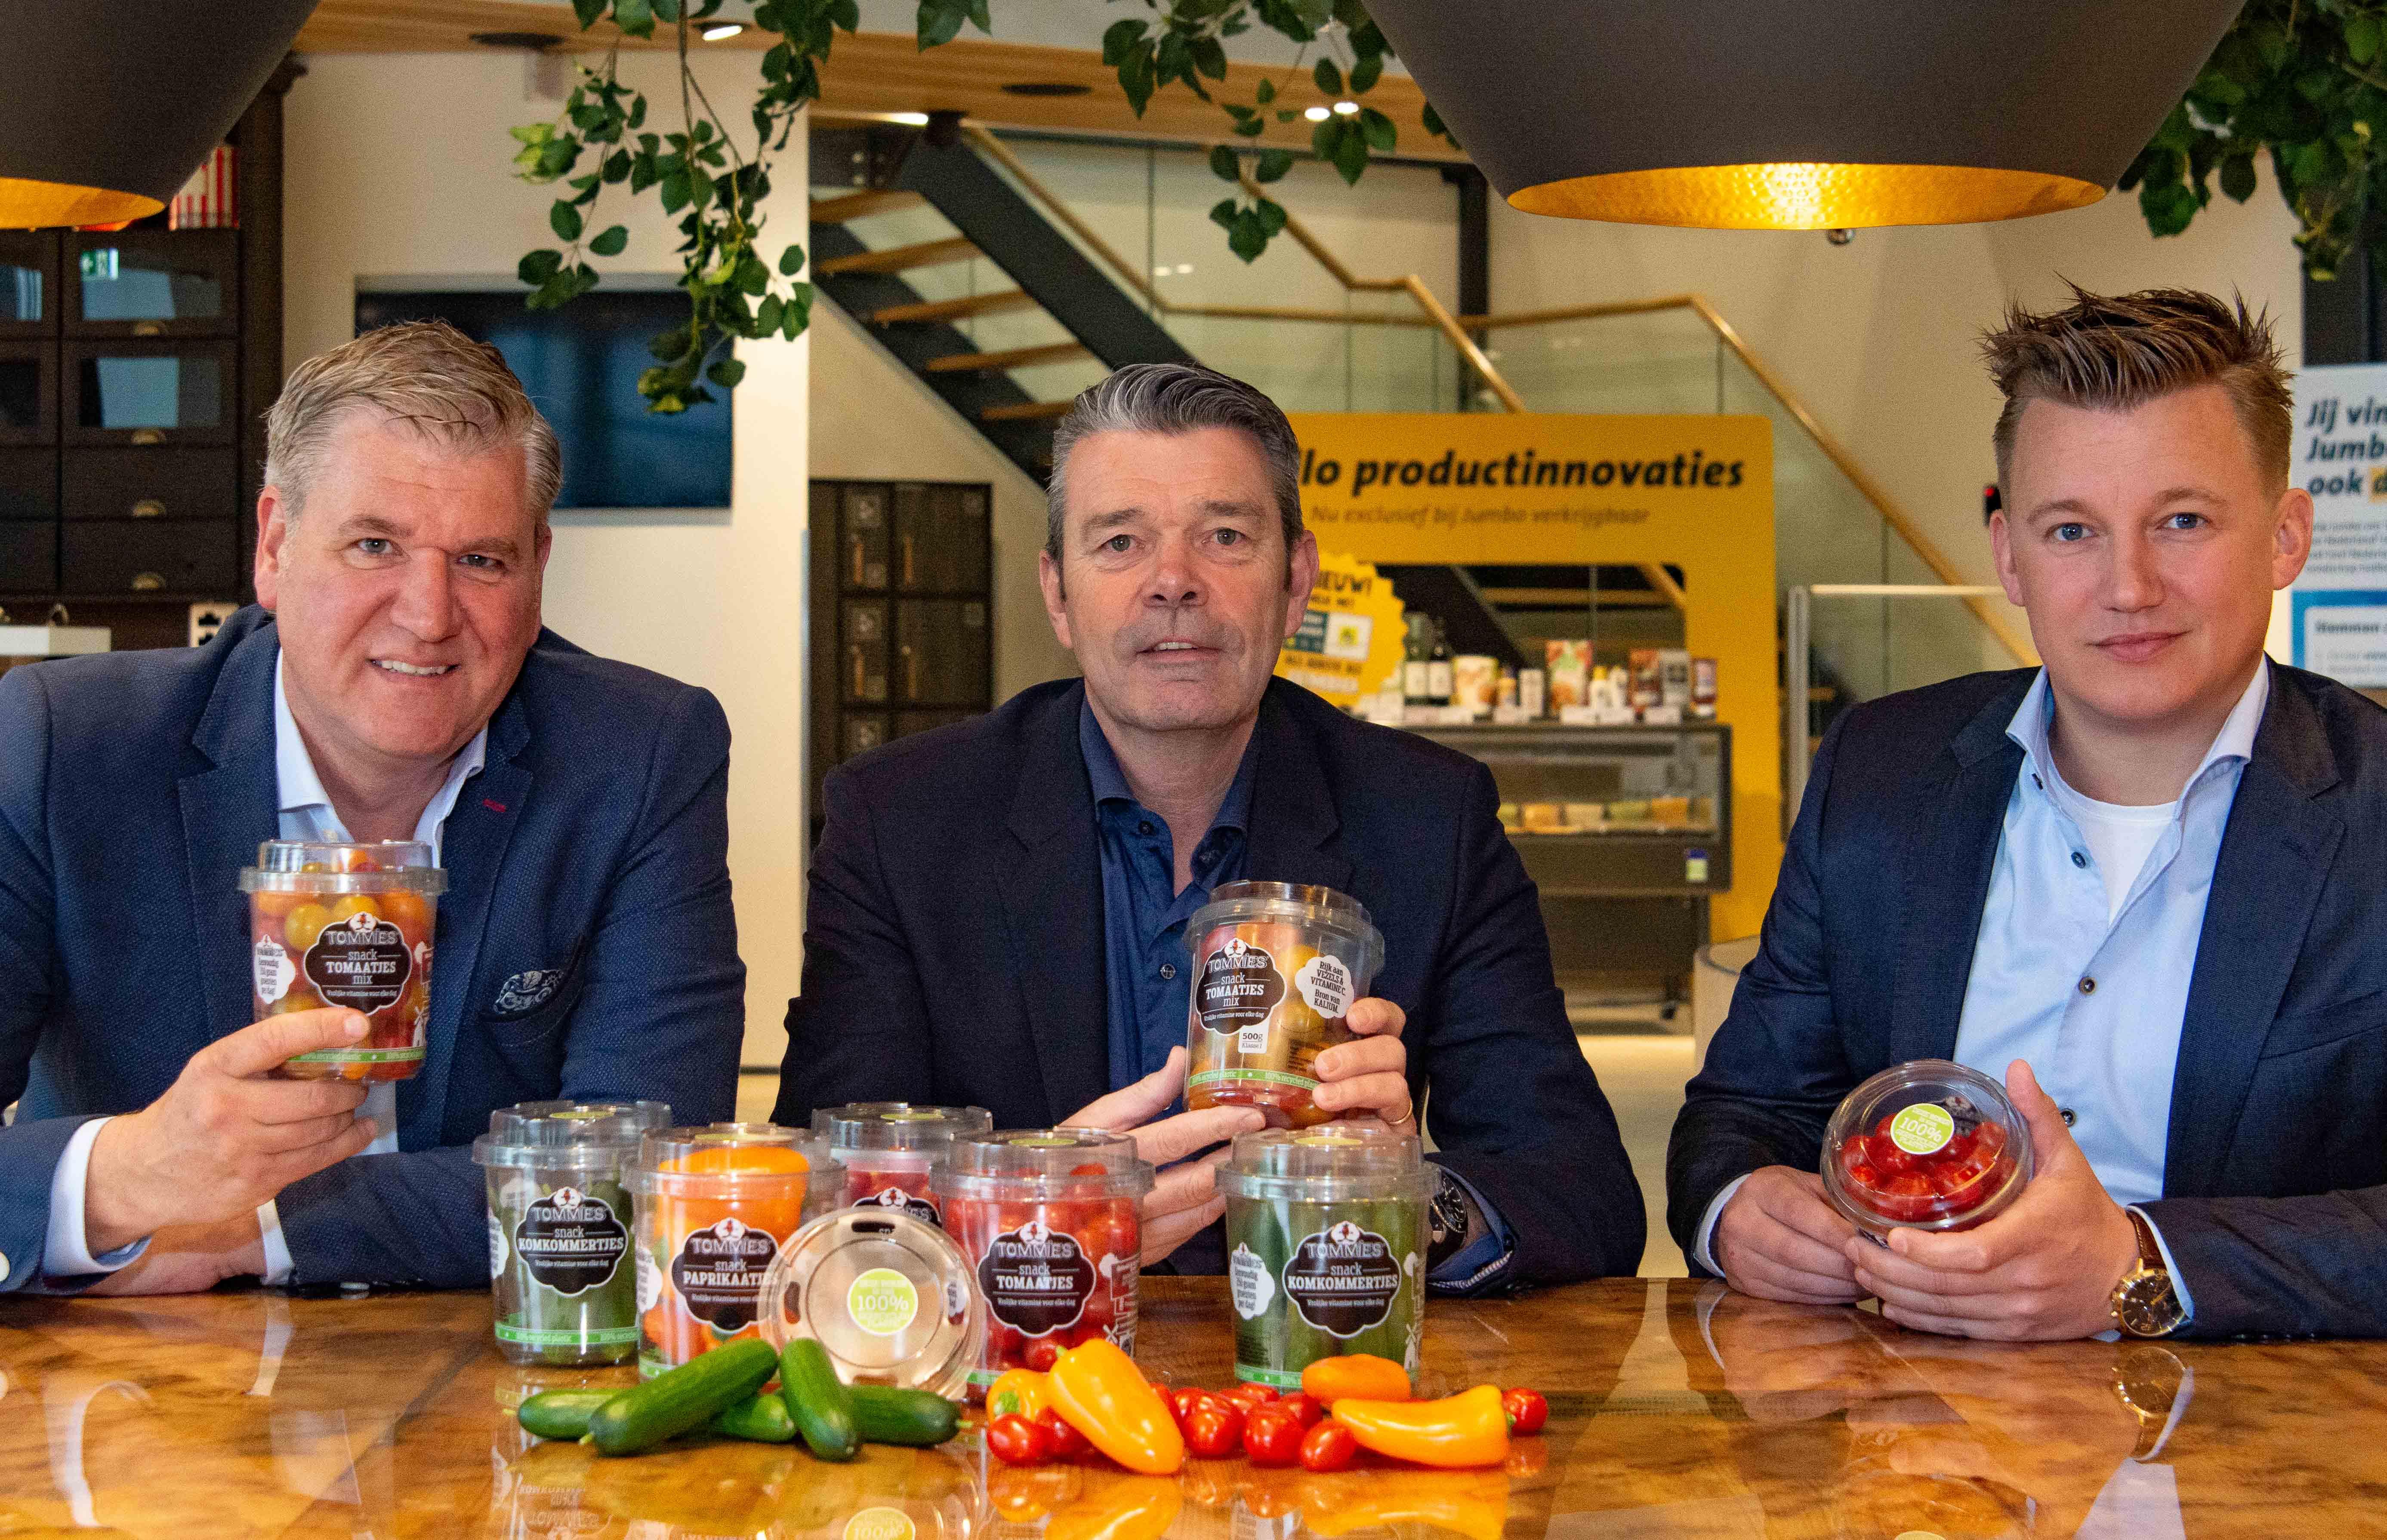 Tommies snackgroenten bij Jumbo voortaan in 100% recyclebare verpakking